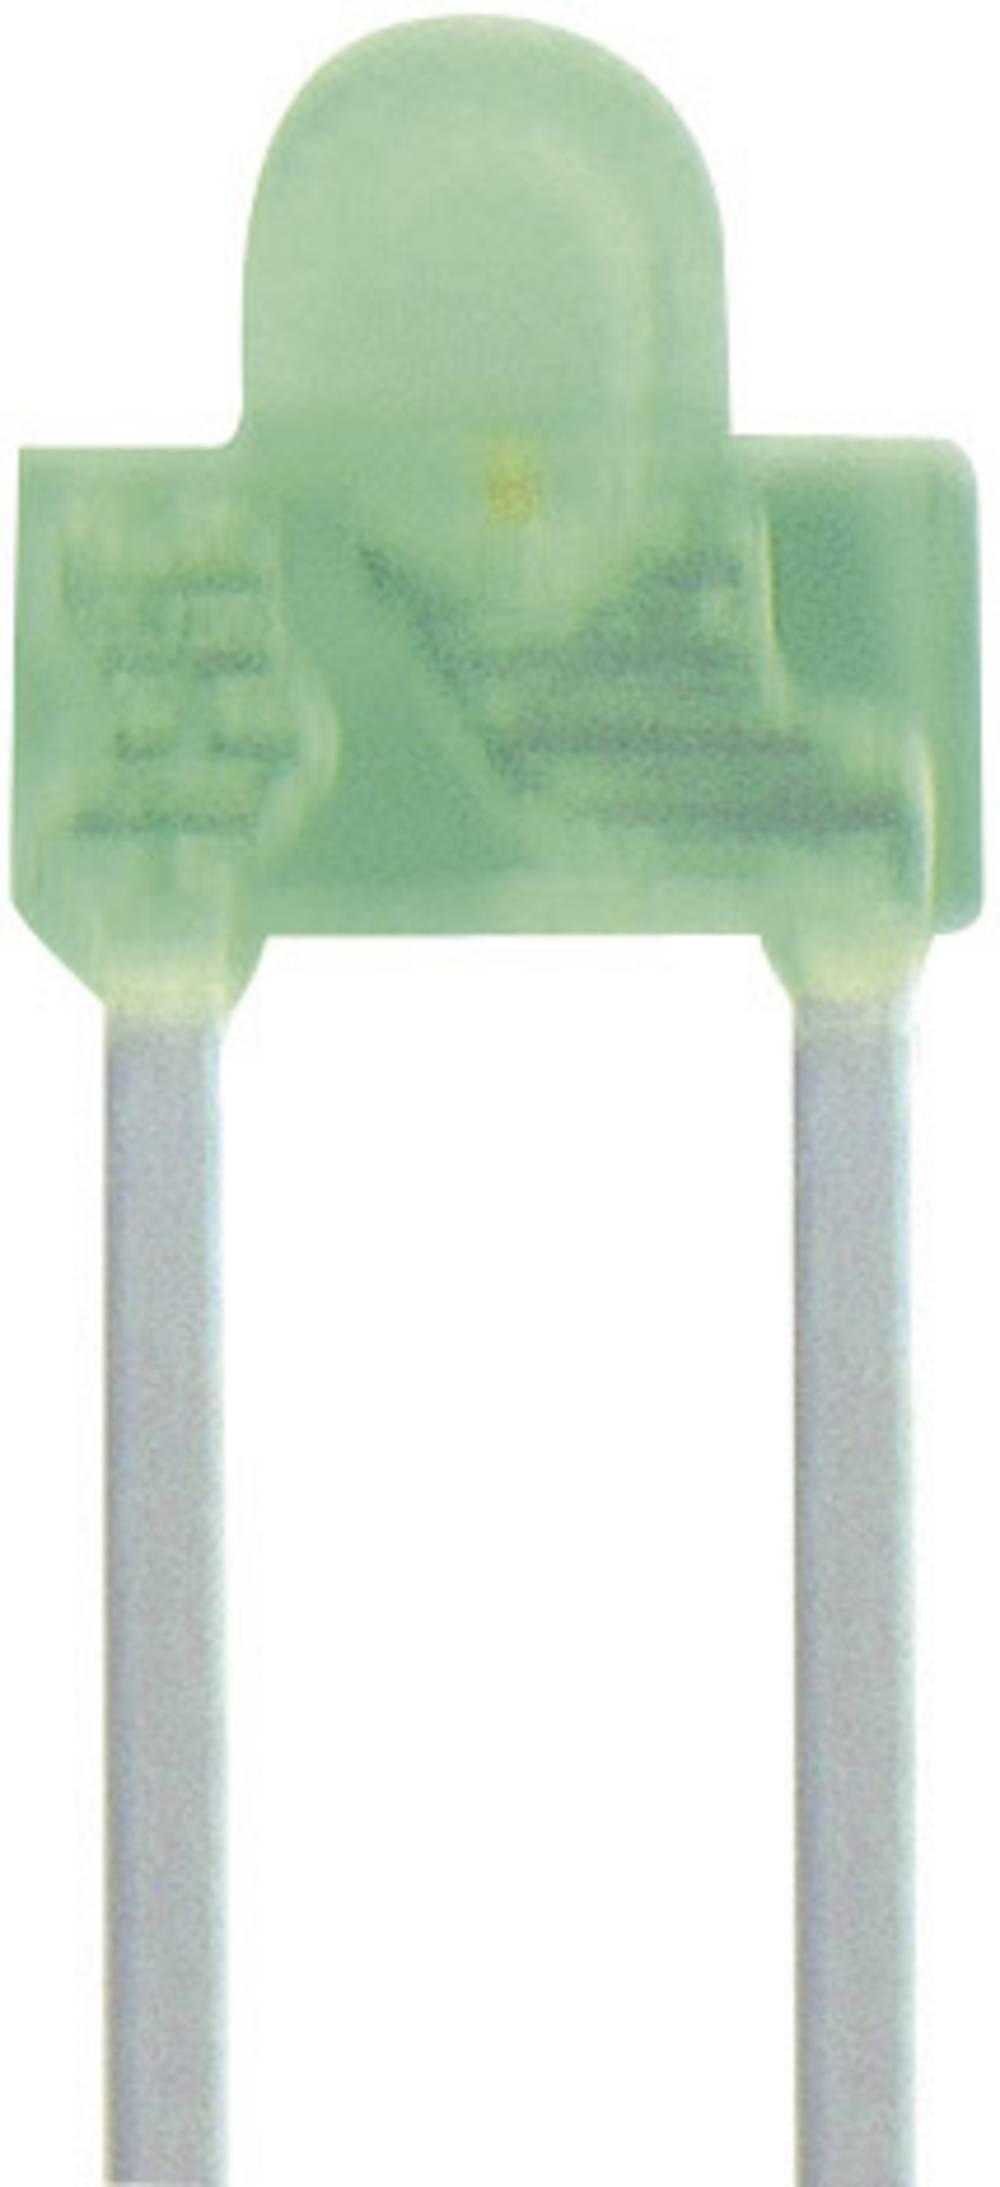 Ožičena LED dioda, zelena, izbočena 1.8 mm 10 mcd 70 ° 20 mA 2.2 V Kingbright L-2060GD